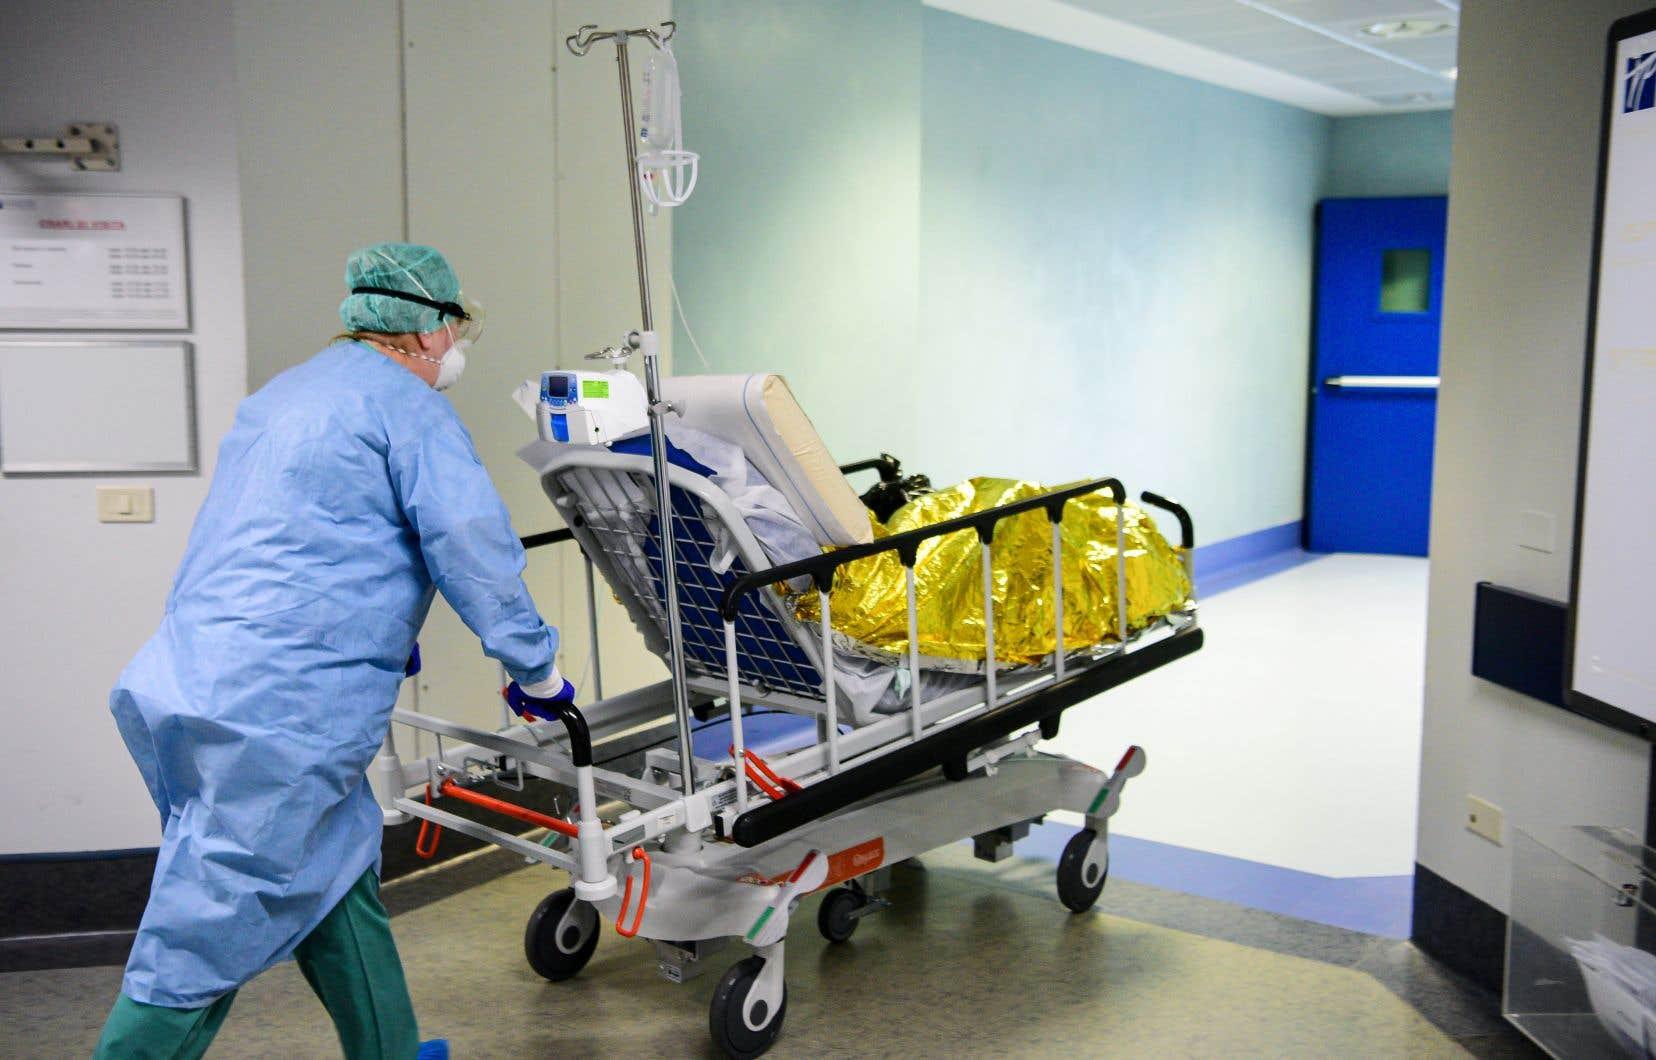 Un patient est transporté vers la nouvelle unité de soins intensifs de l'hôpital de Brescia Poliambulanza, en Lombardie.